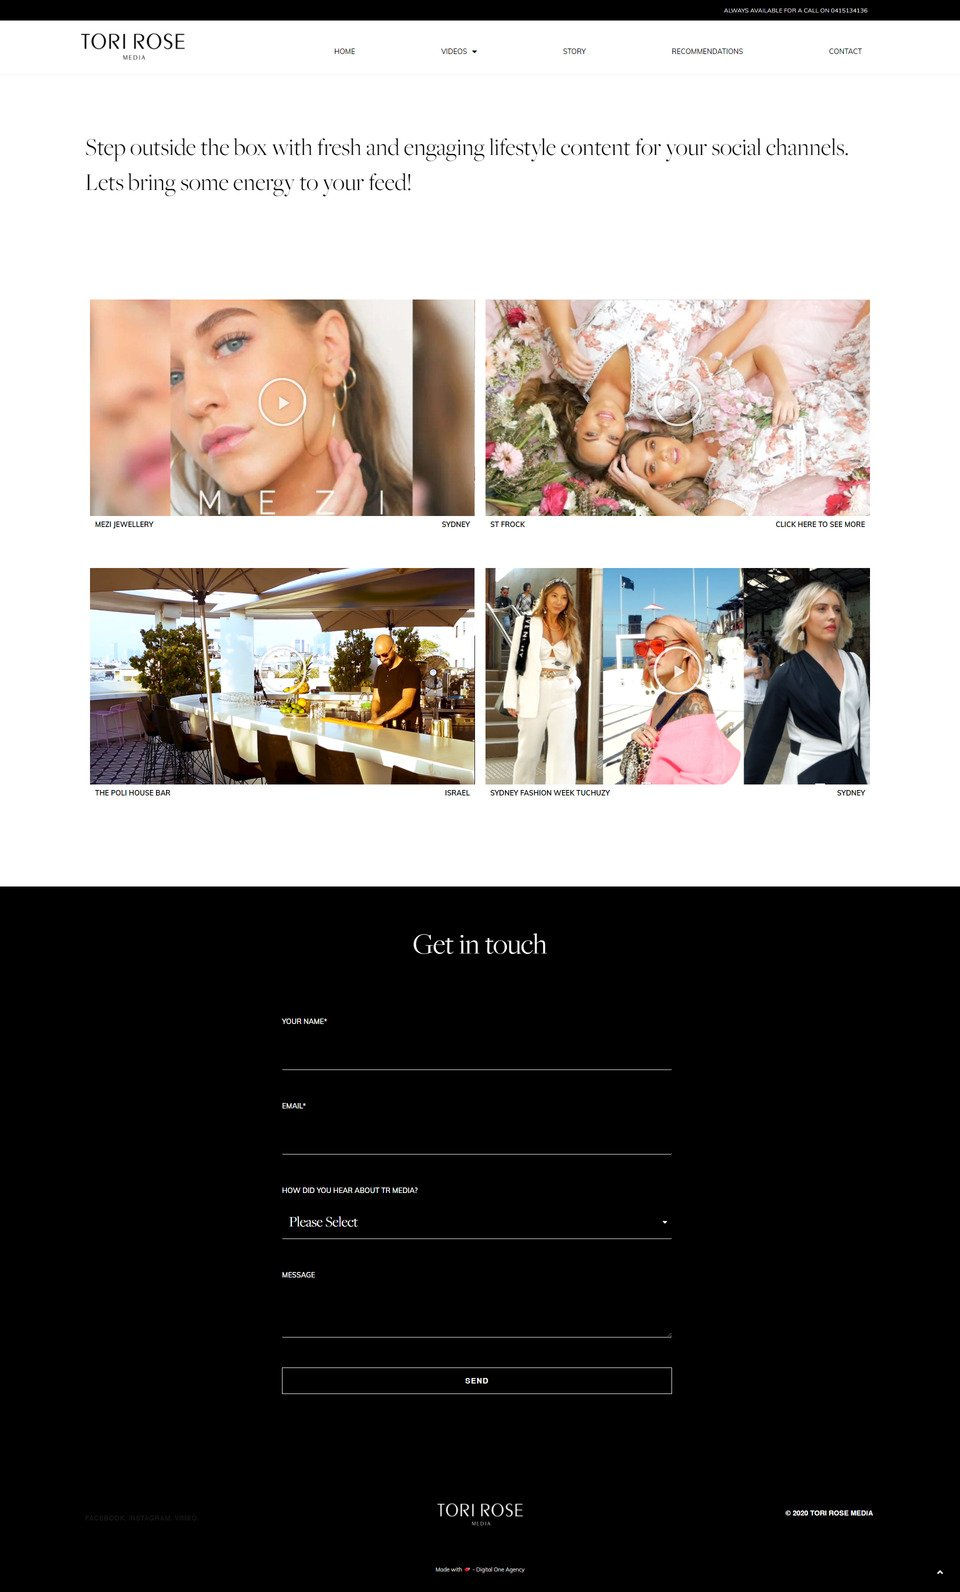 website-design-website-development-branding-logo-tori-rose-media